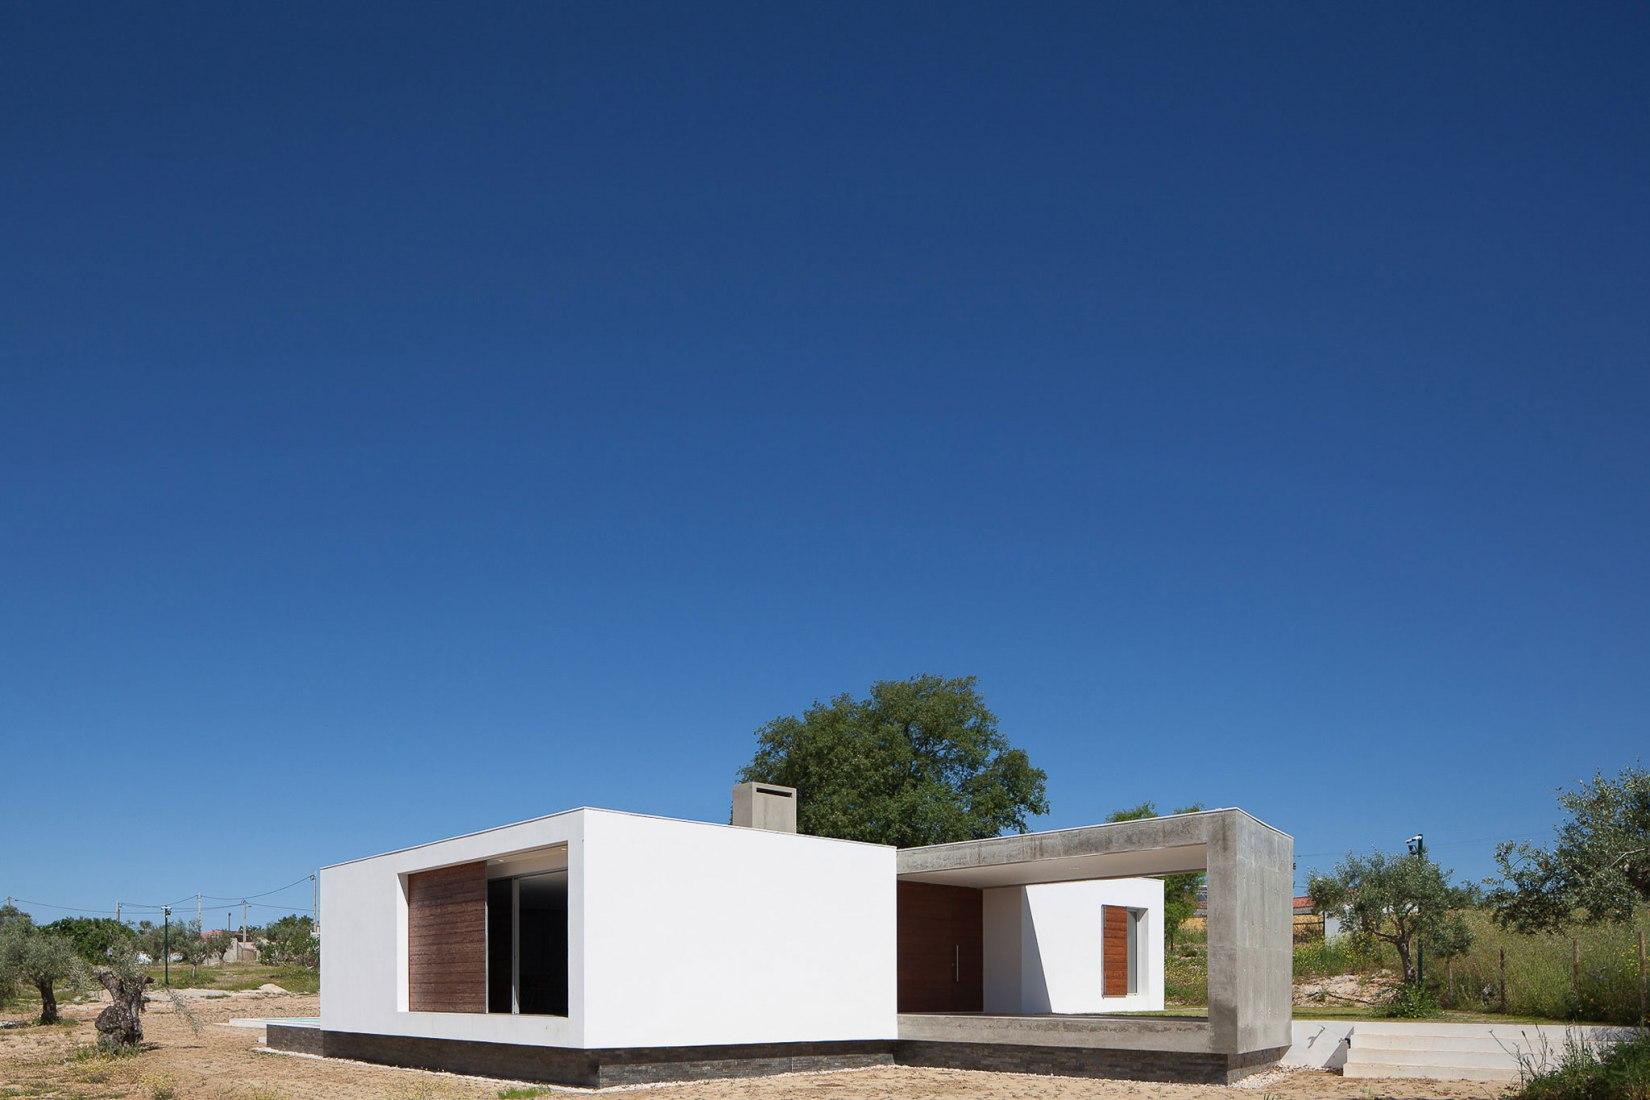 Exterior. Casa del Anillo por Vasco Cabral + Sofia Saraiva  Architects. Fotografía © José Campos